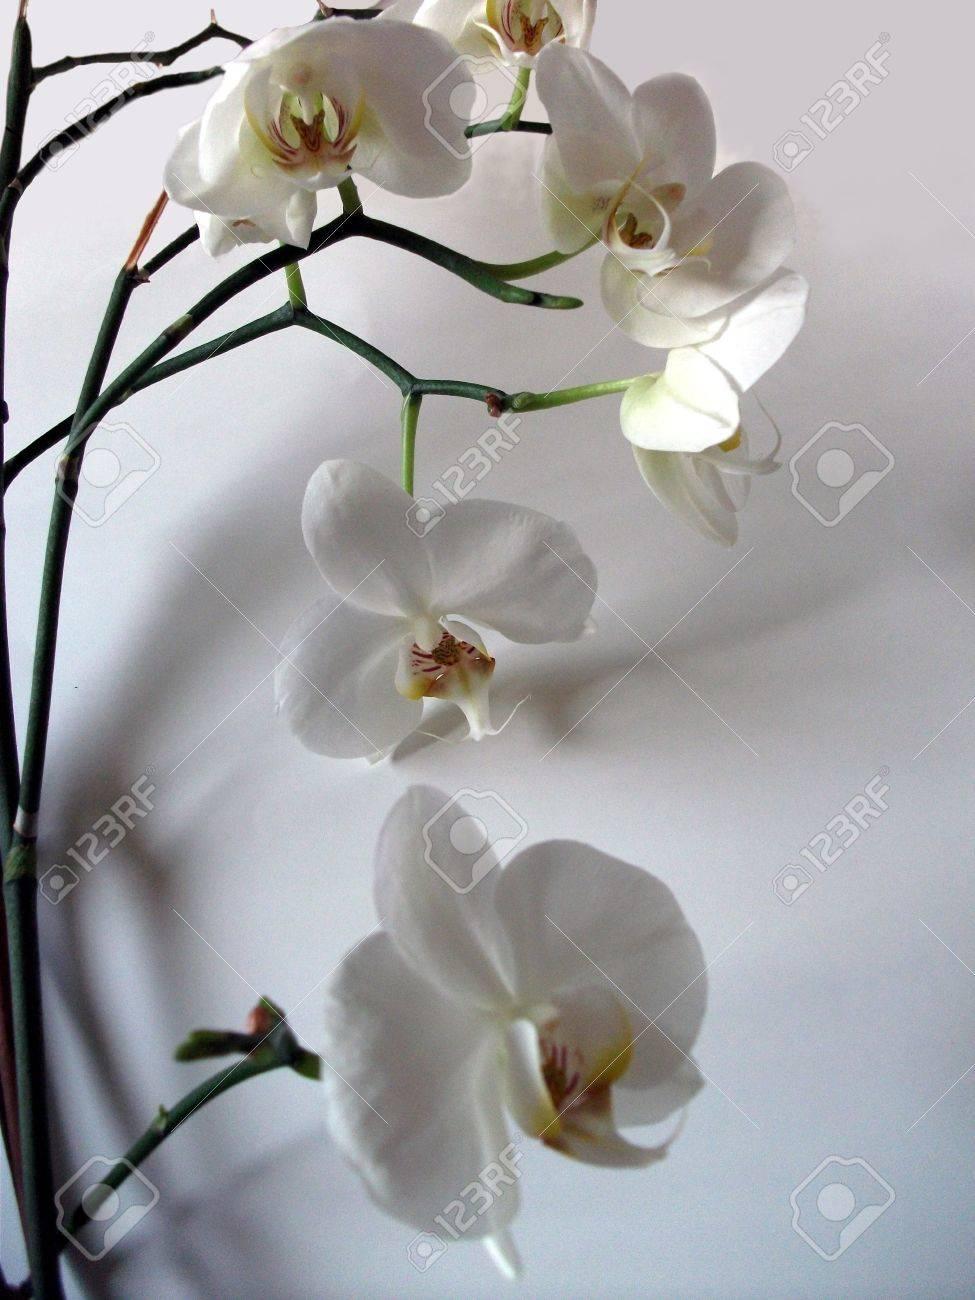 Fleurs Blanches D Orchidees D Un Ecran De Grande Belle Forme De Fleur D Orchidee Blanche Et Les Tiges Avec Leurs Ombres Sur Un Fond Gris Un Superbe